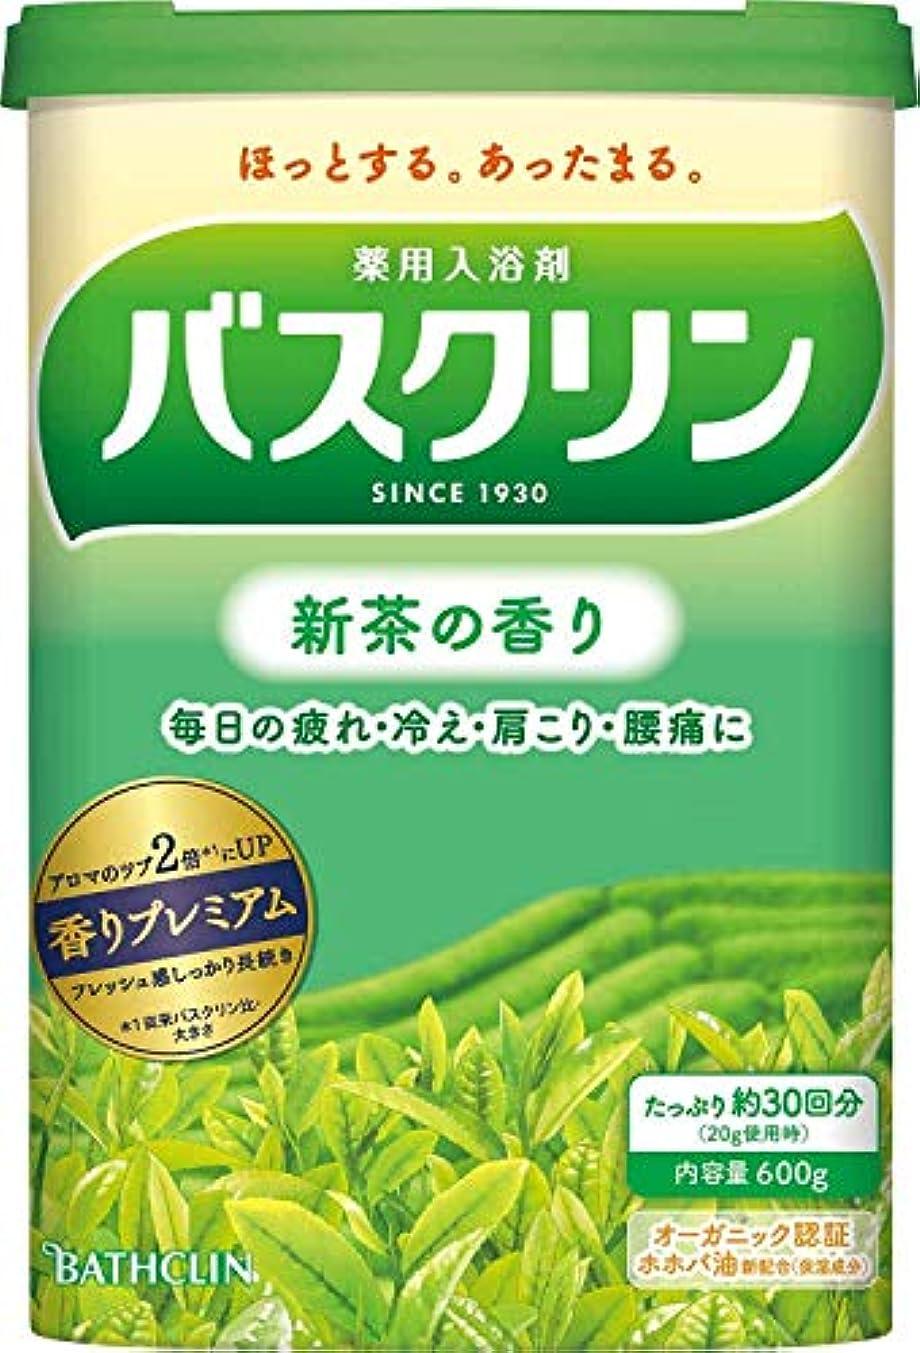 怒って繰り返したマトン【医薬部外品】バスクリン新茶の香り600g入浴剤(約30回分)